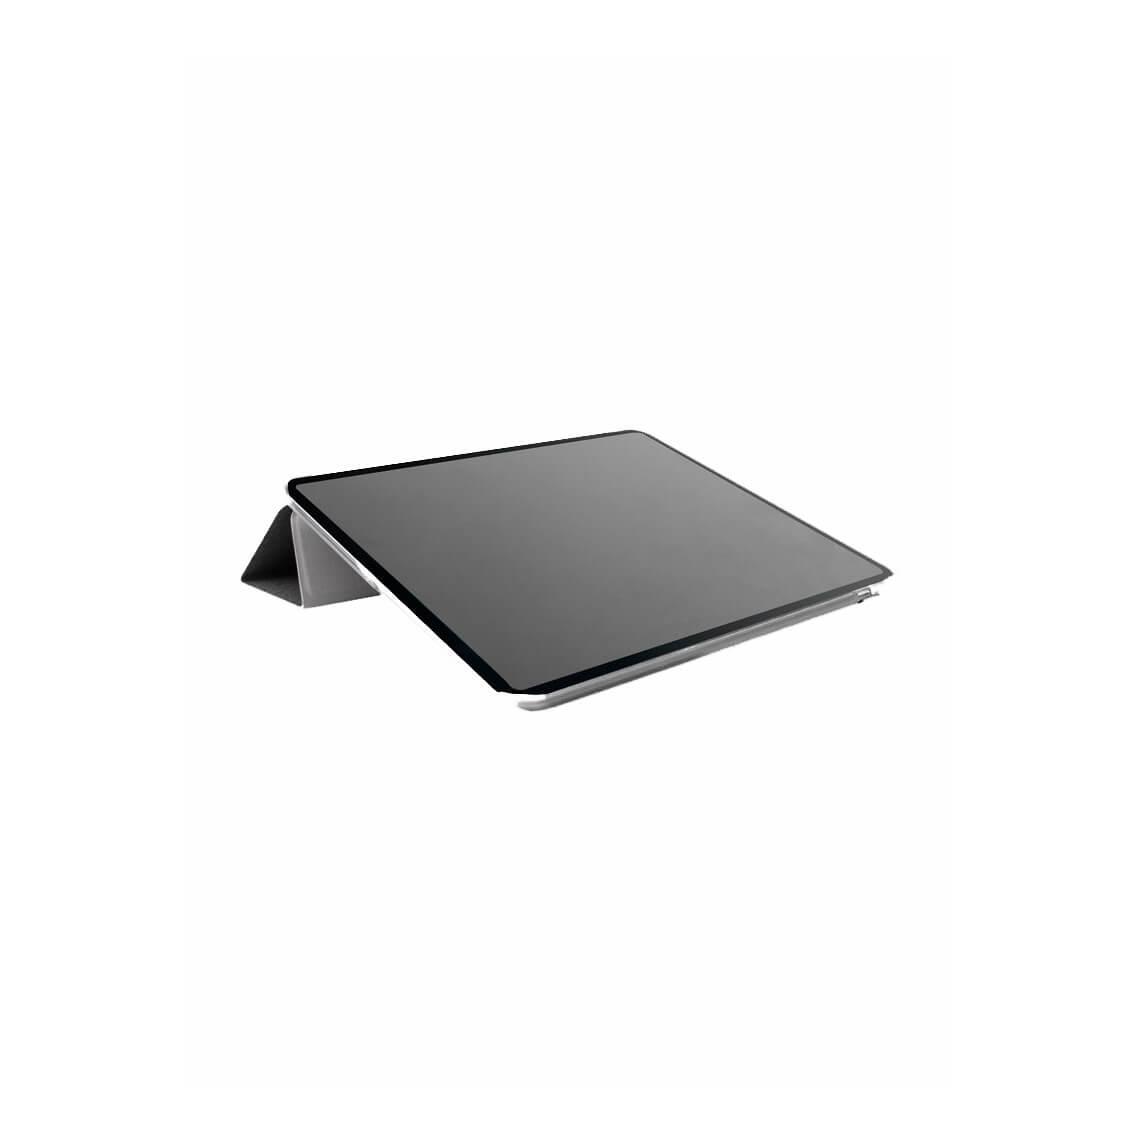 کاور یونیک مدل YORKER برای iPad Pro 11 2020